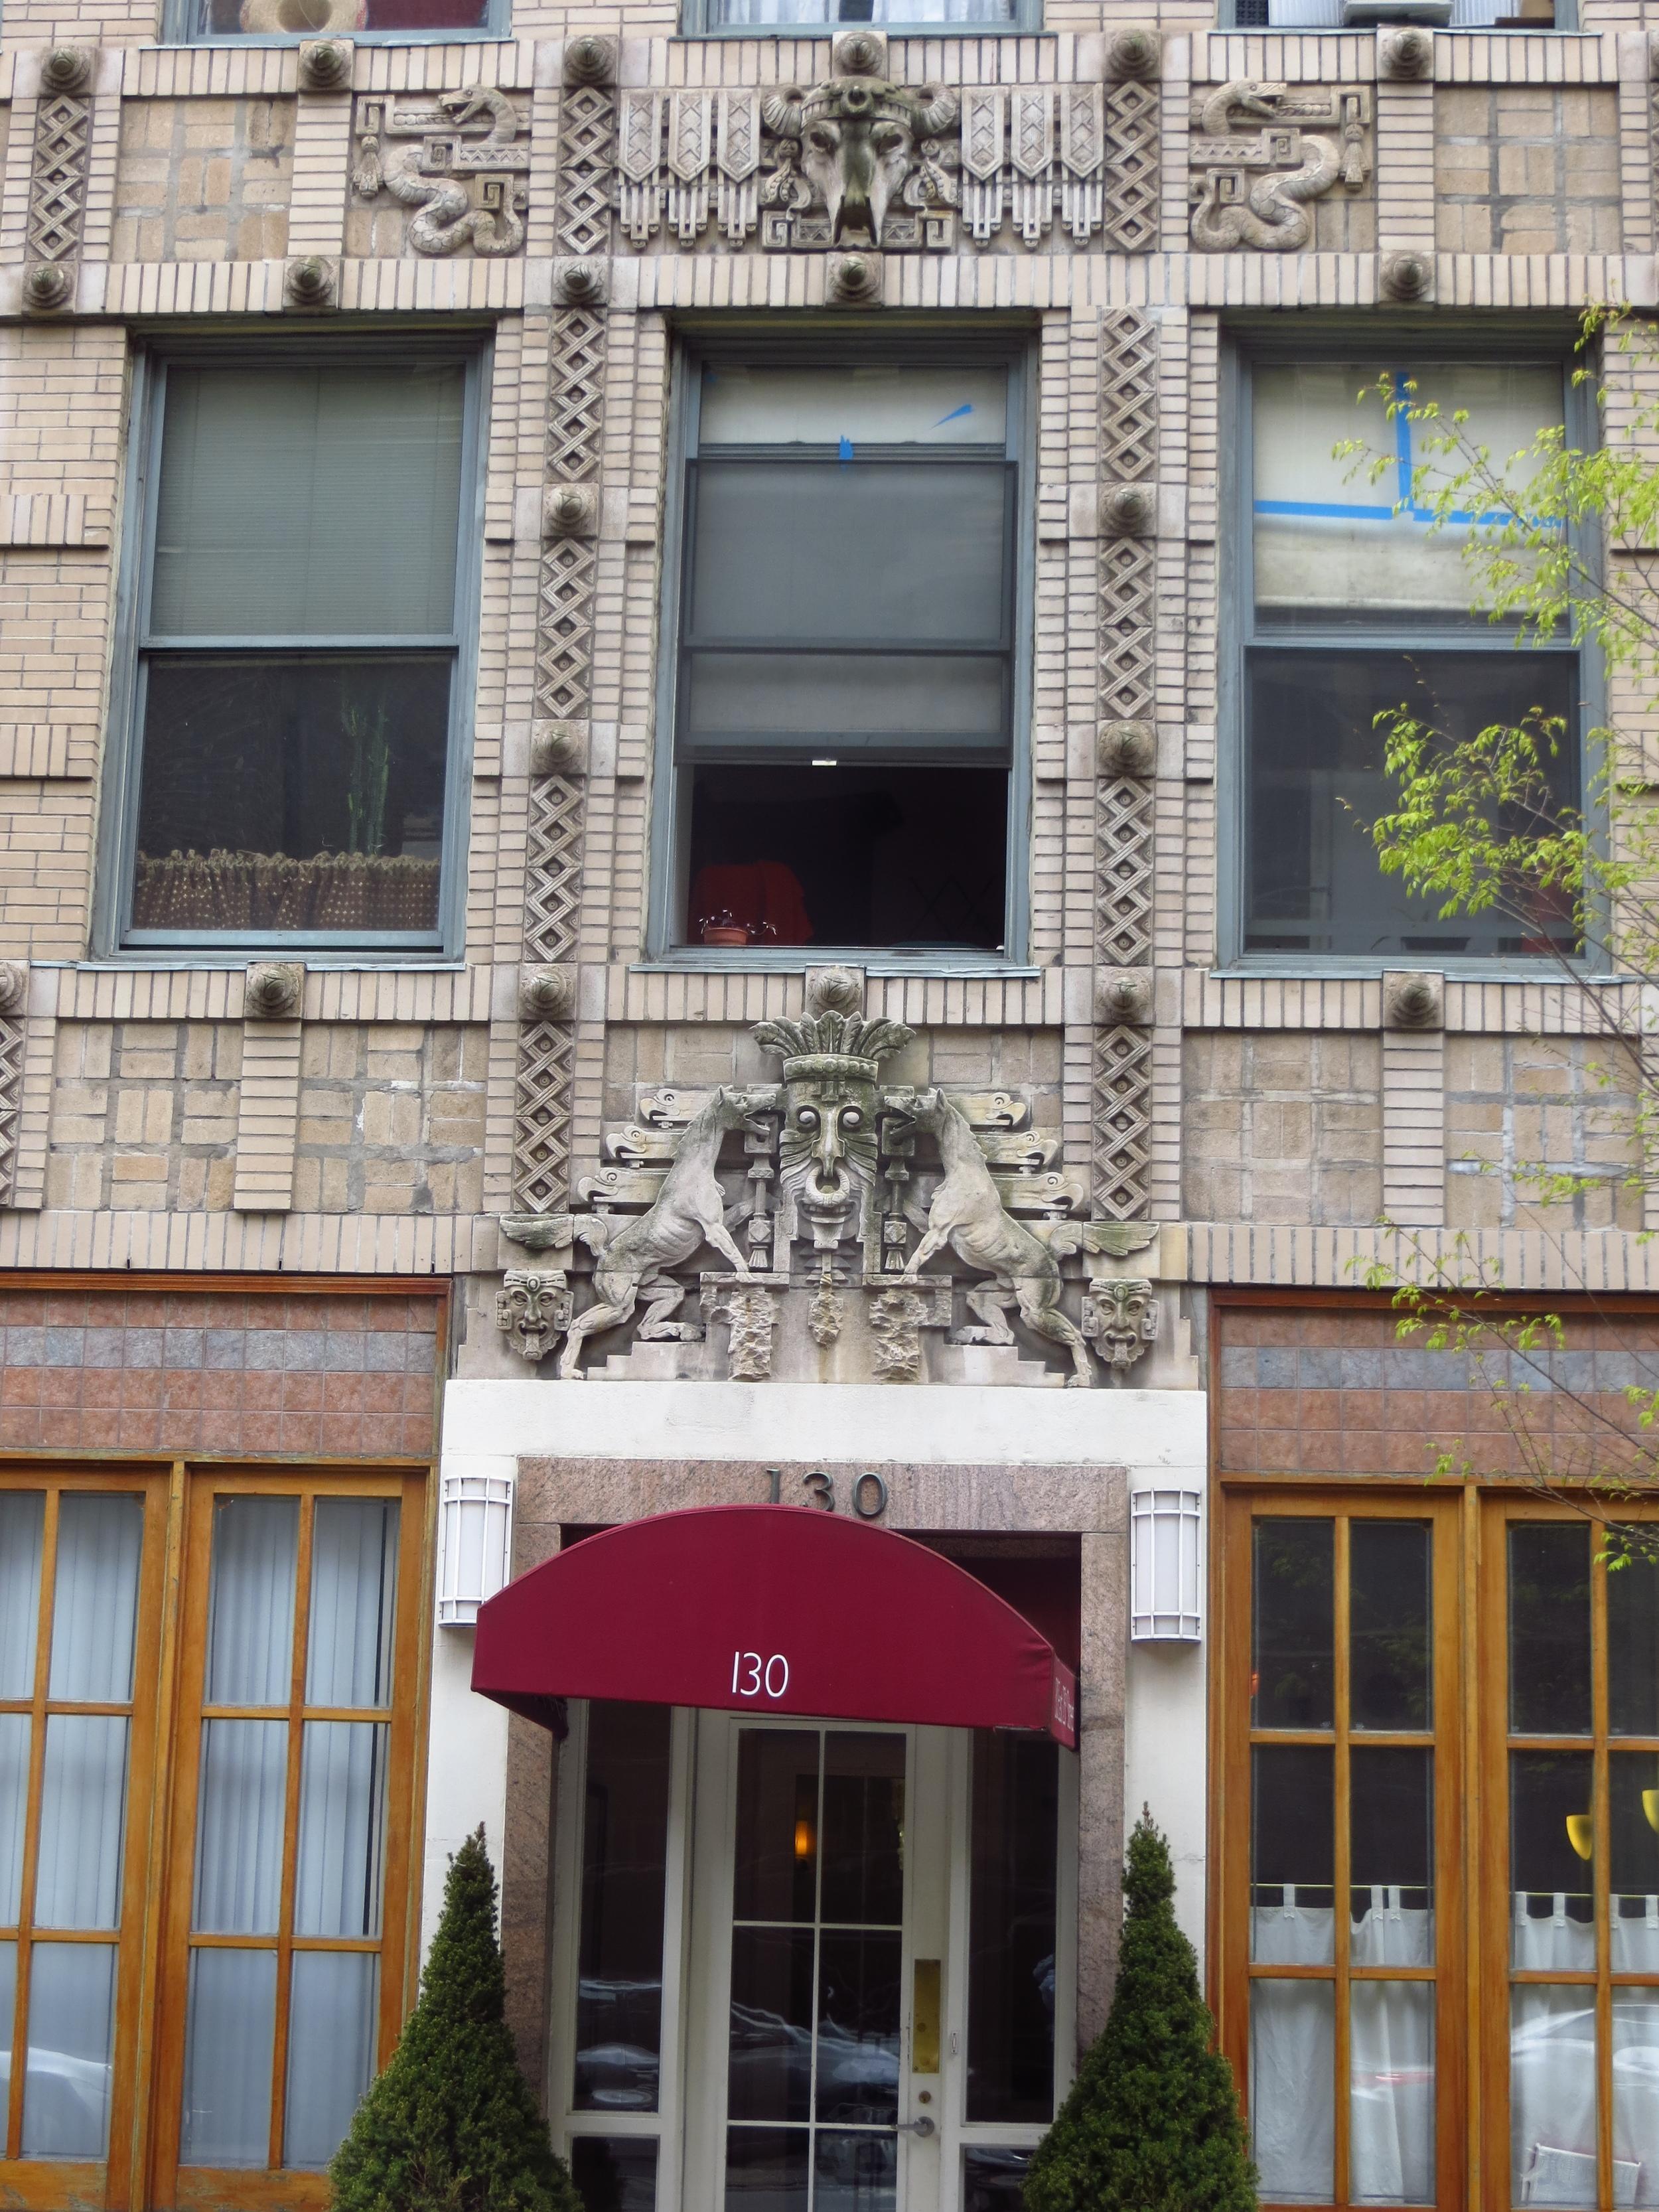 Aztec(?) themed facade